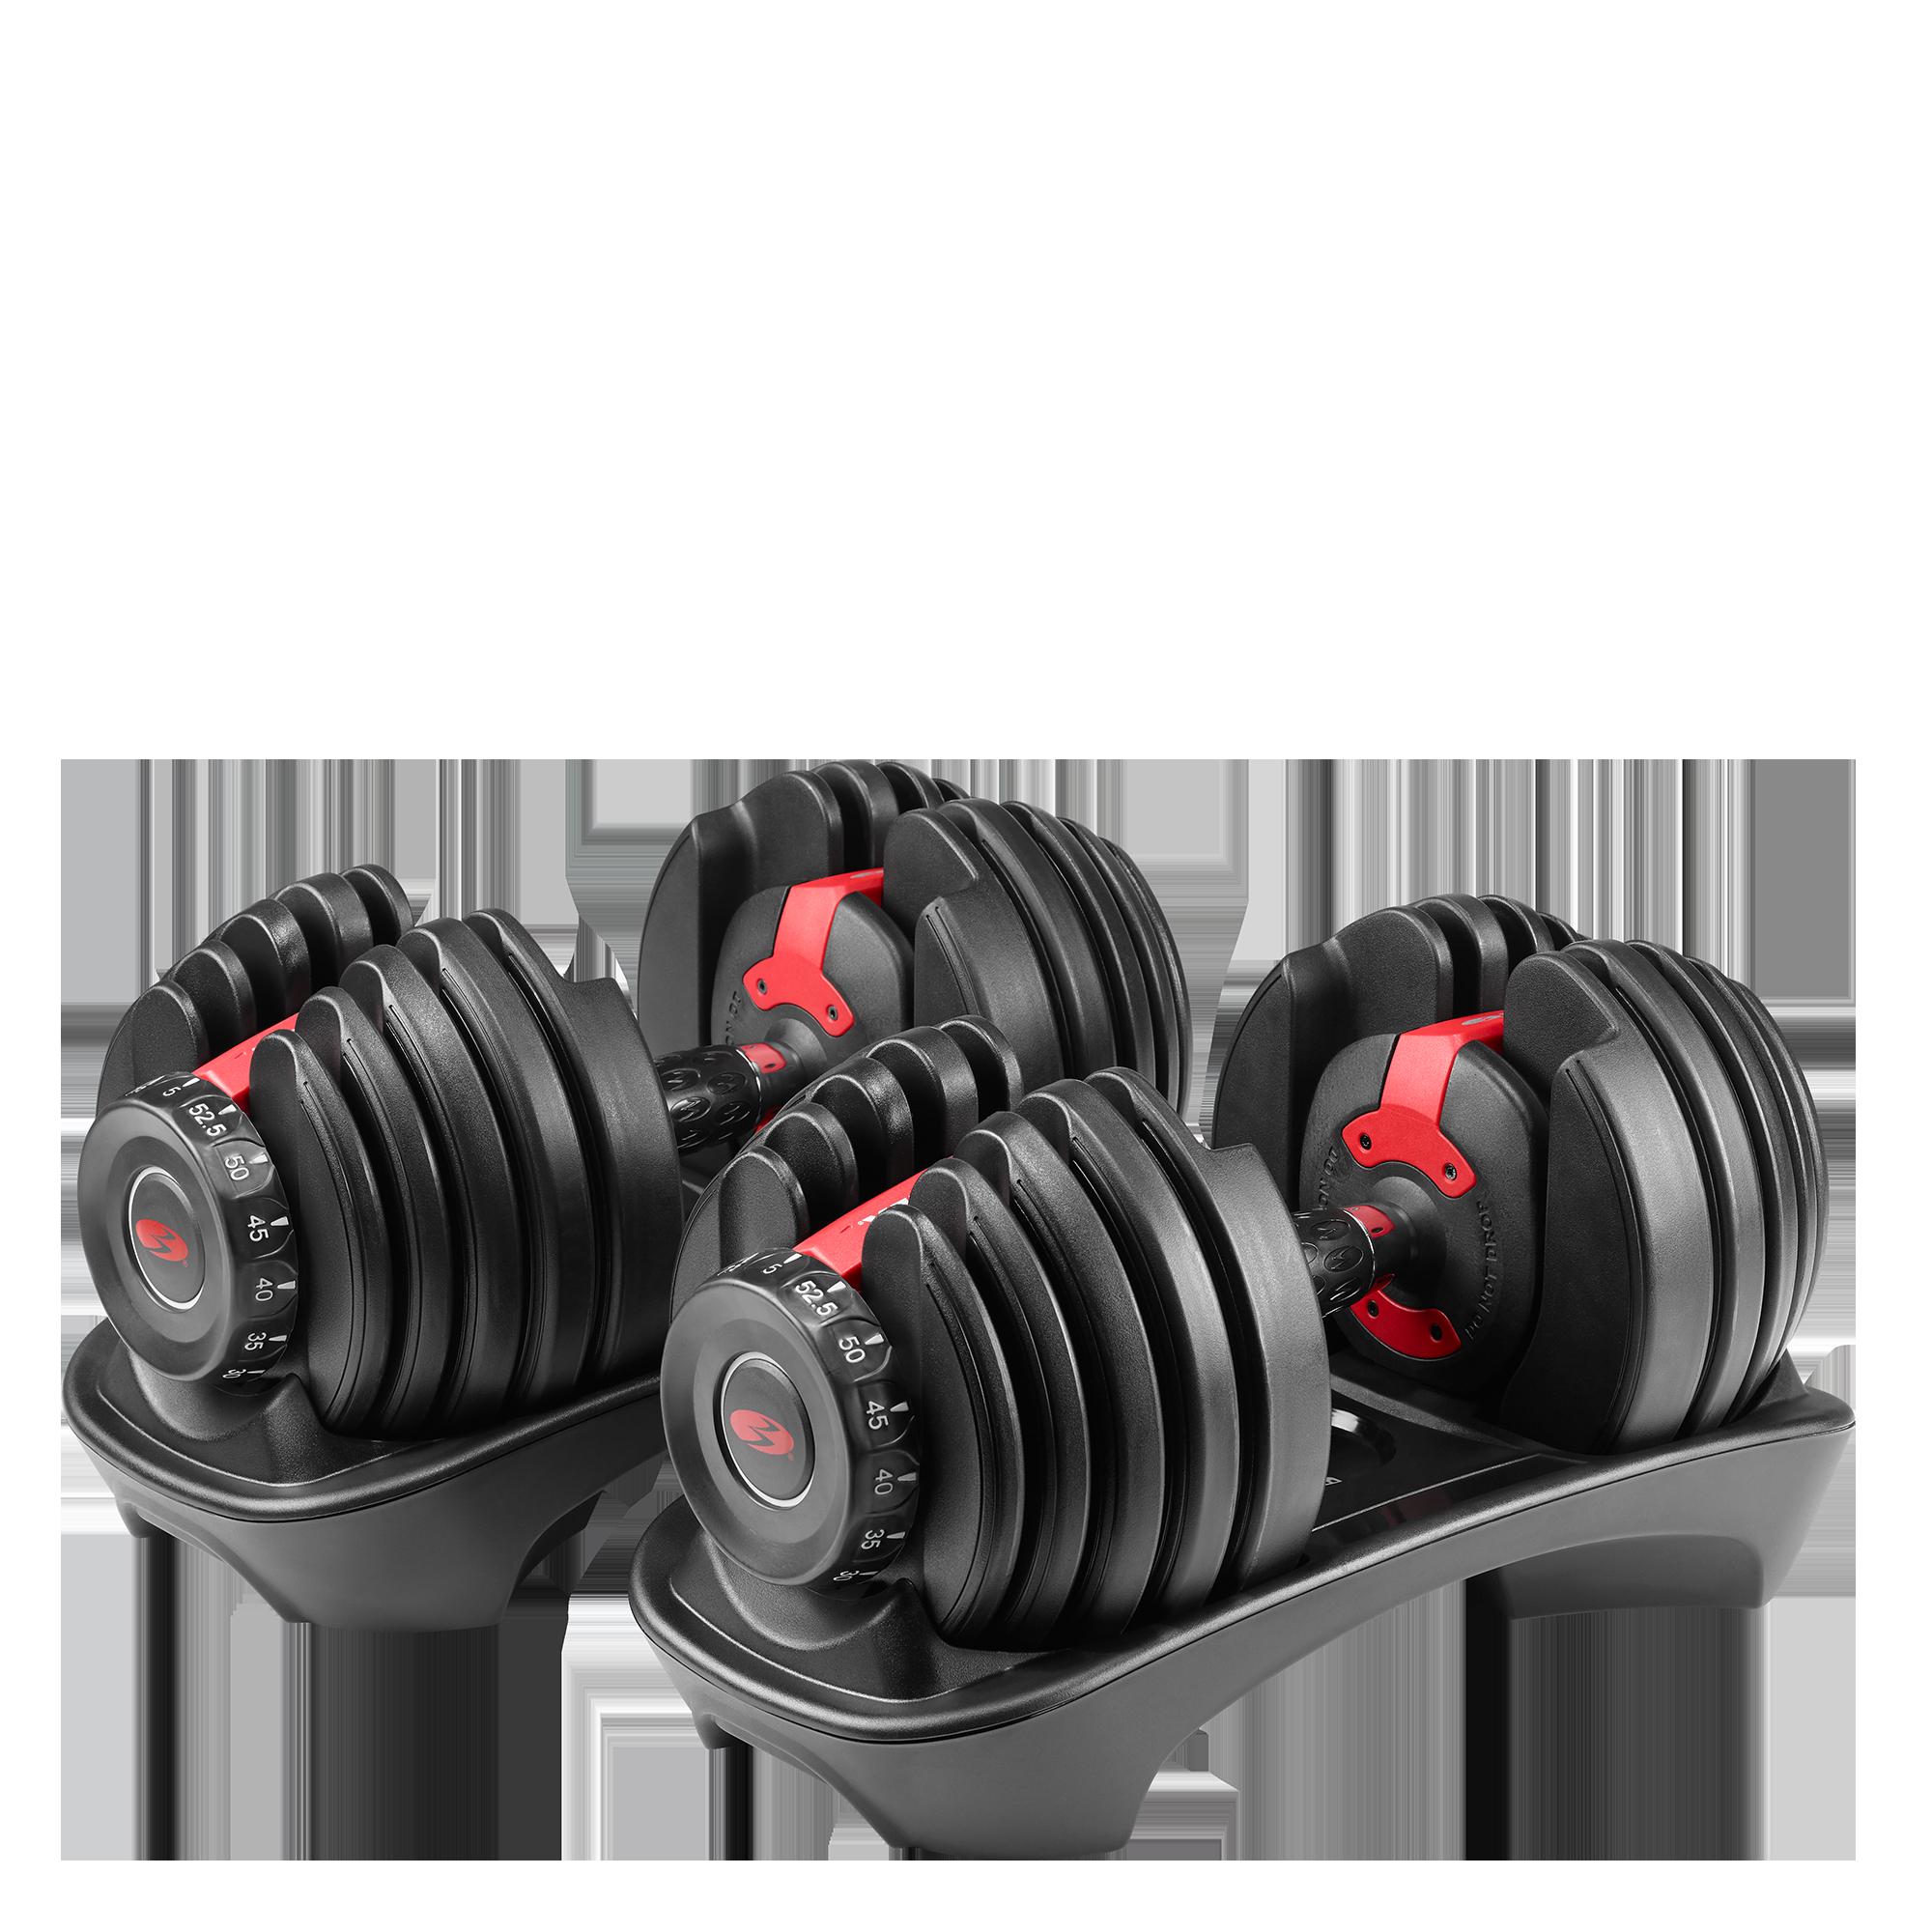 Bowflex SelectTech 552i Dumbbells